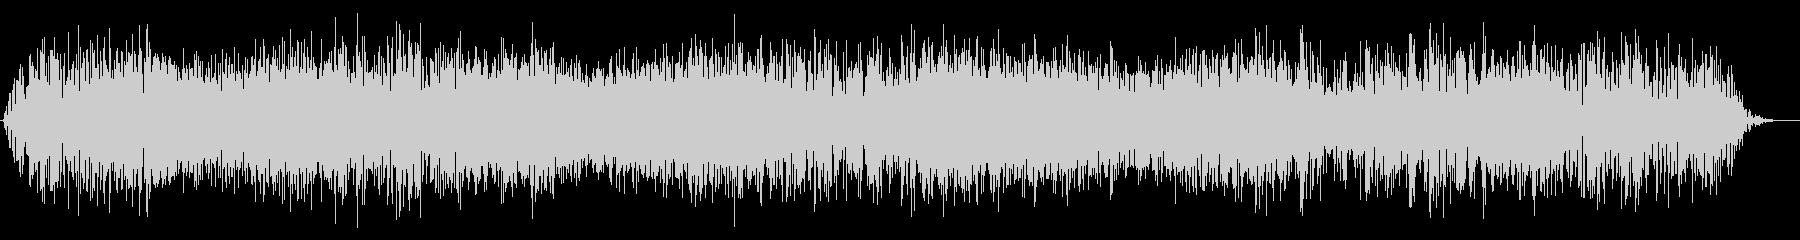 ゴゴゴゴ・・激しい地鳴り・地震の未再生の波形